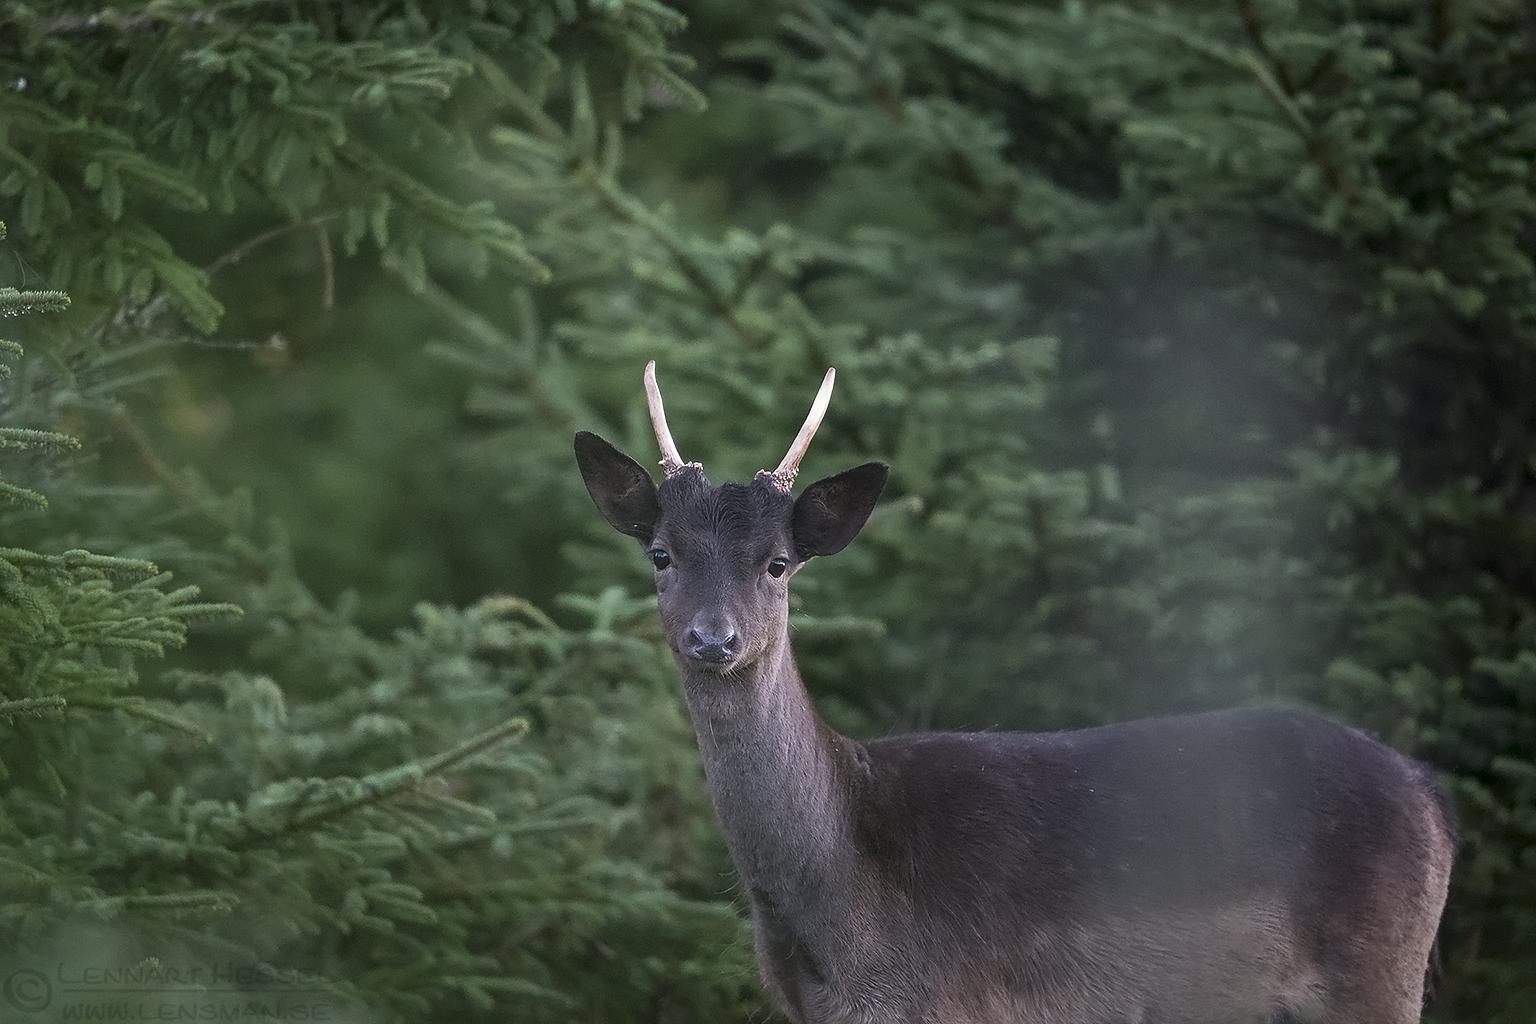 Fallowe Deer Red Deer